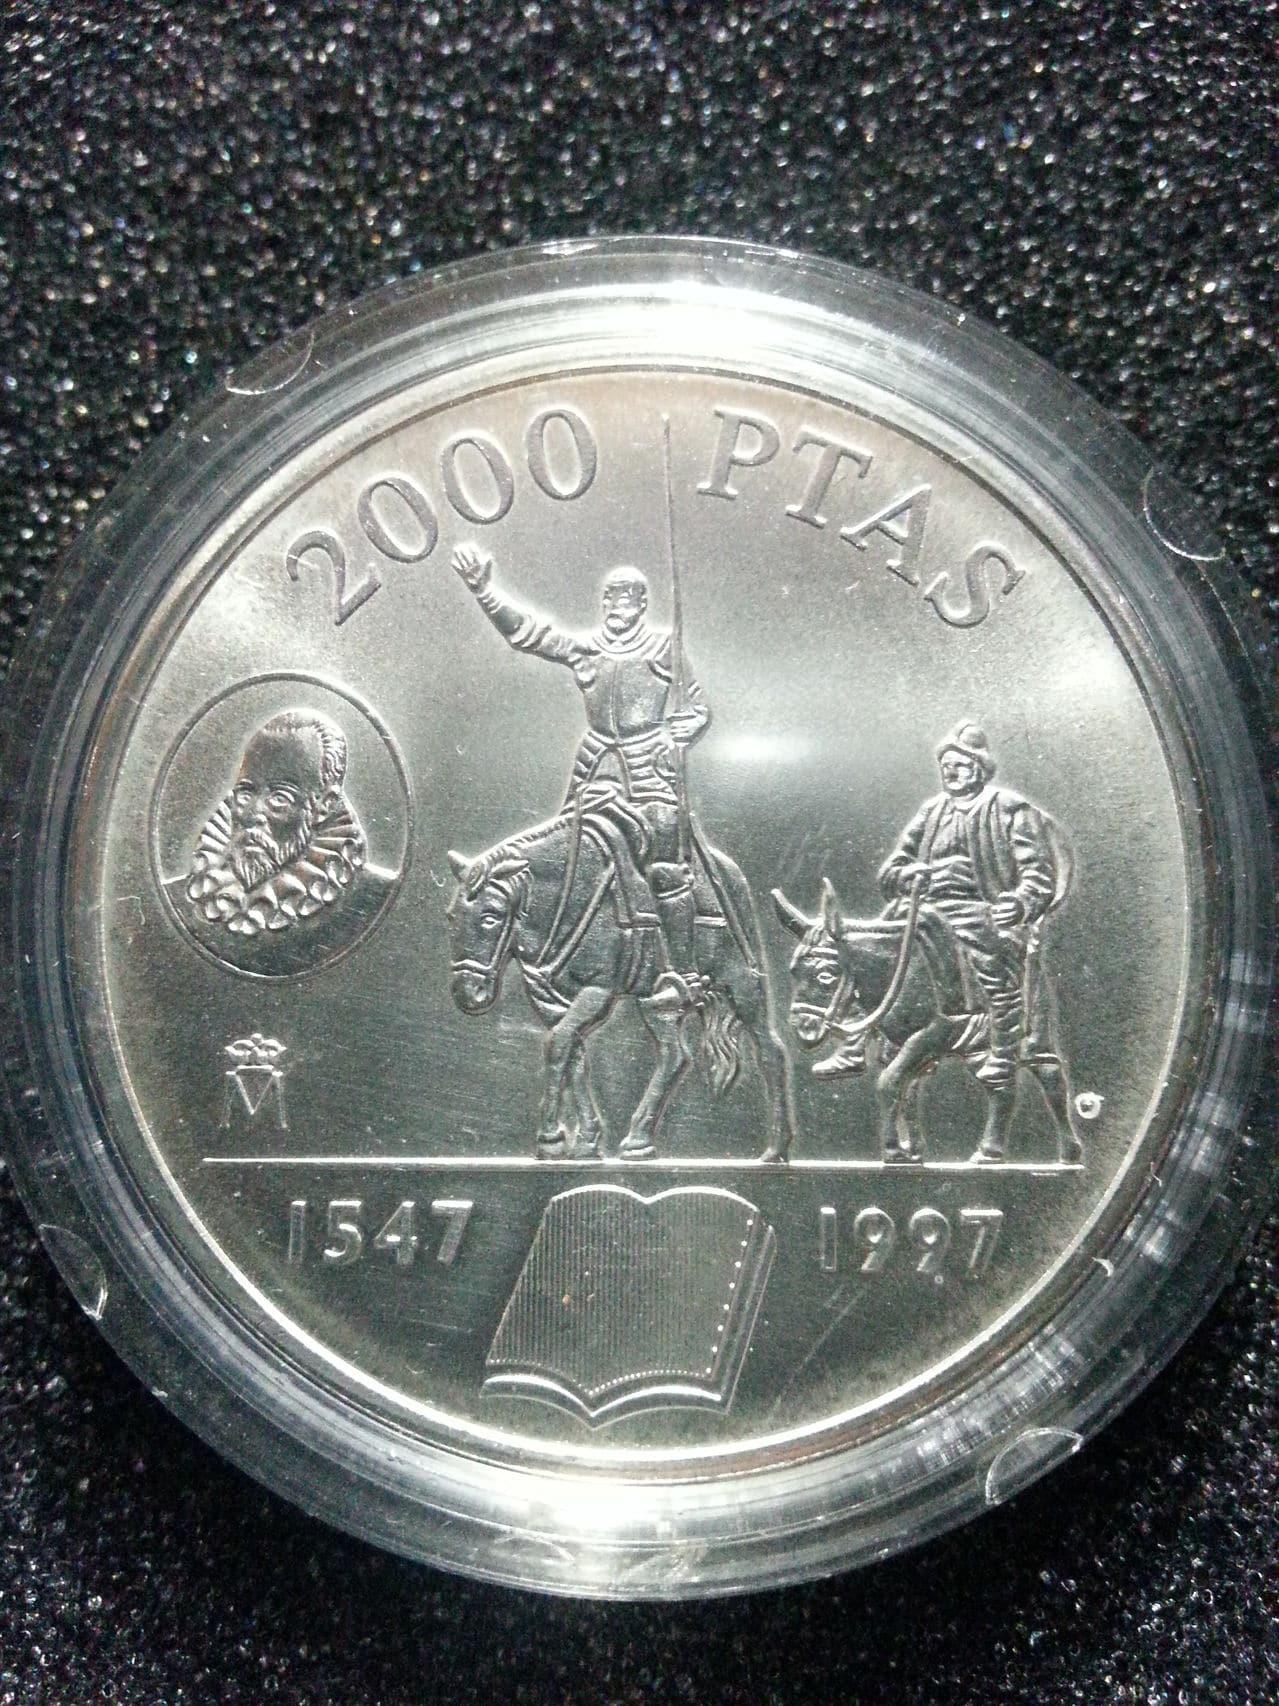 Monedas ecuestres - Página 2 20150212_201004